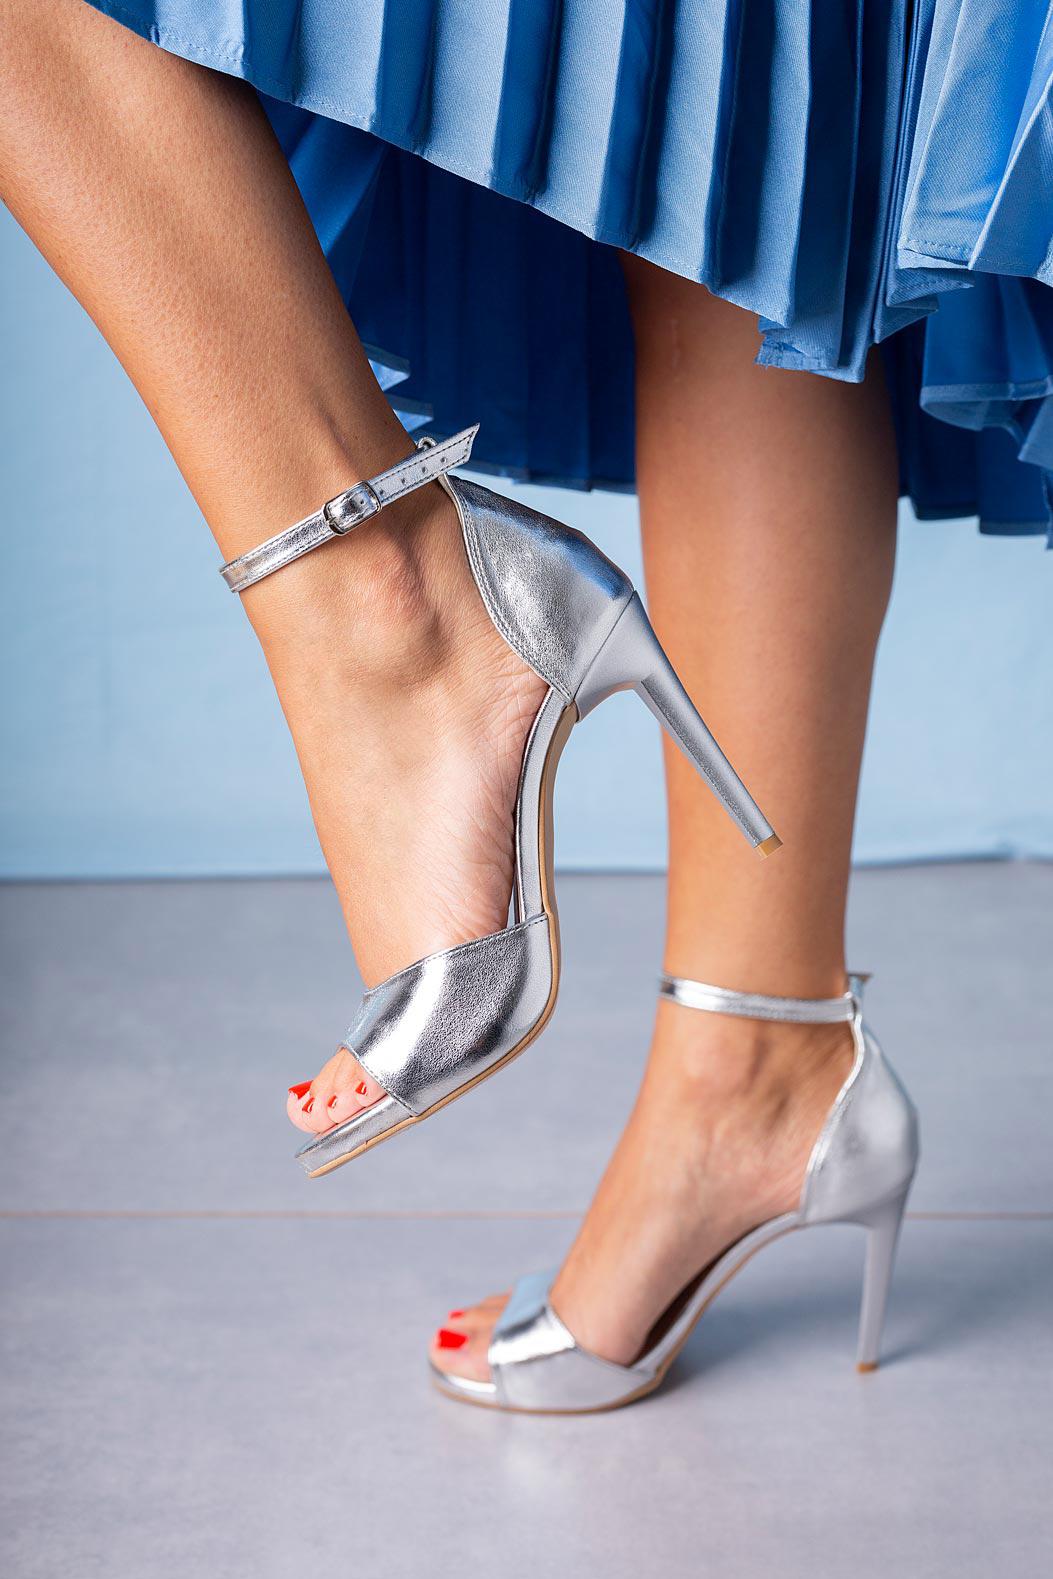 Srebrne sandały szpilki z zakrytą piętą paskiem wokół kostki Casu 1590/1 srebrny